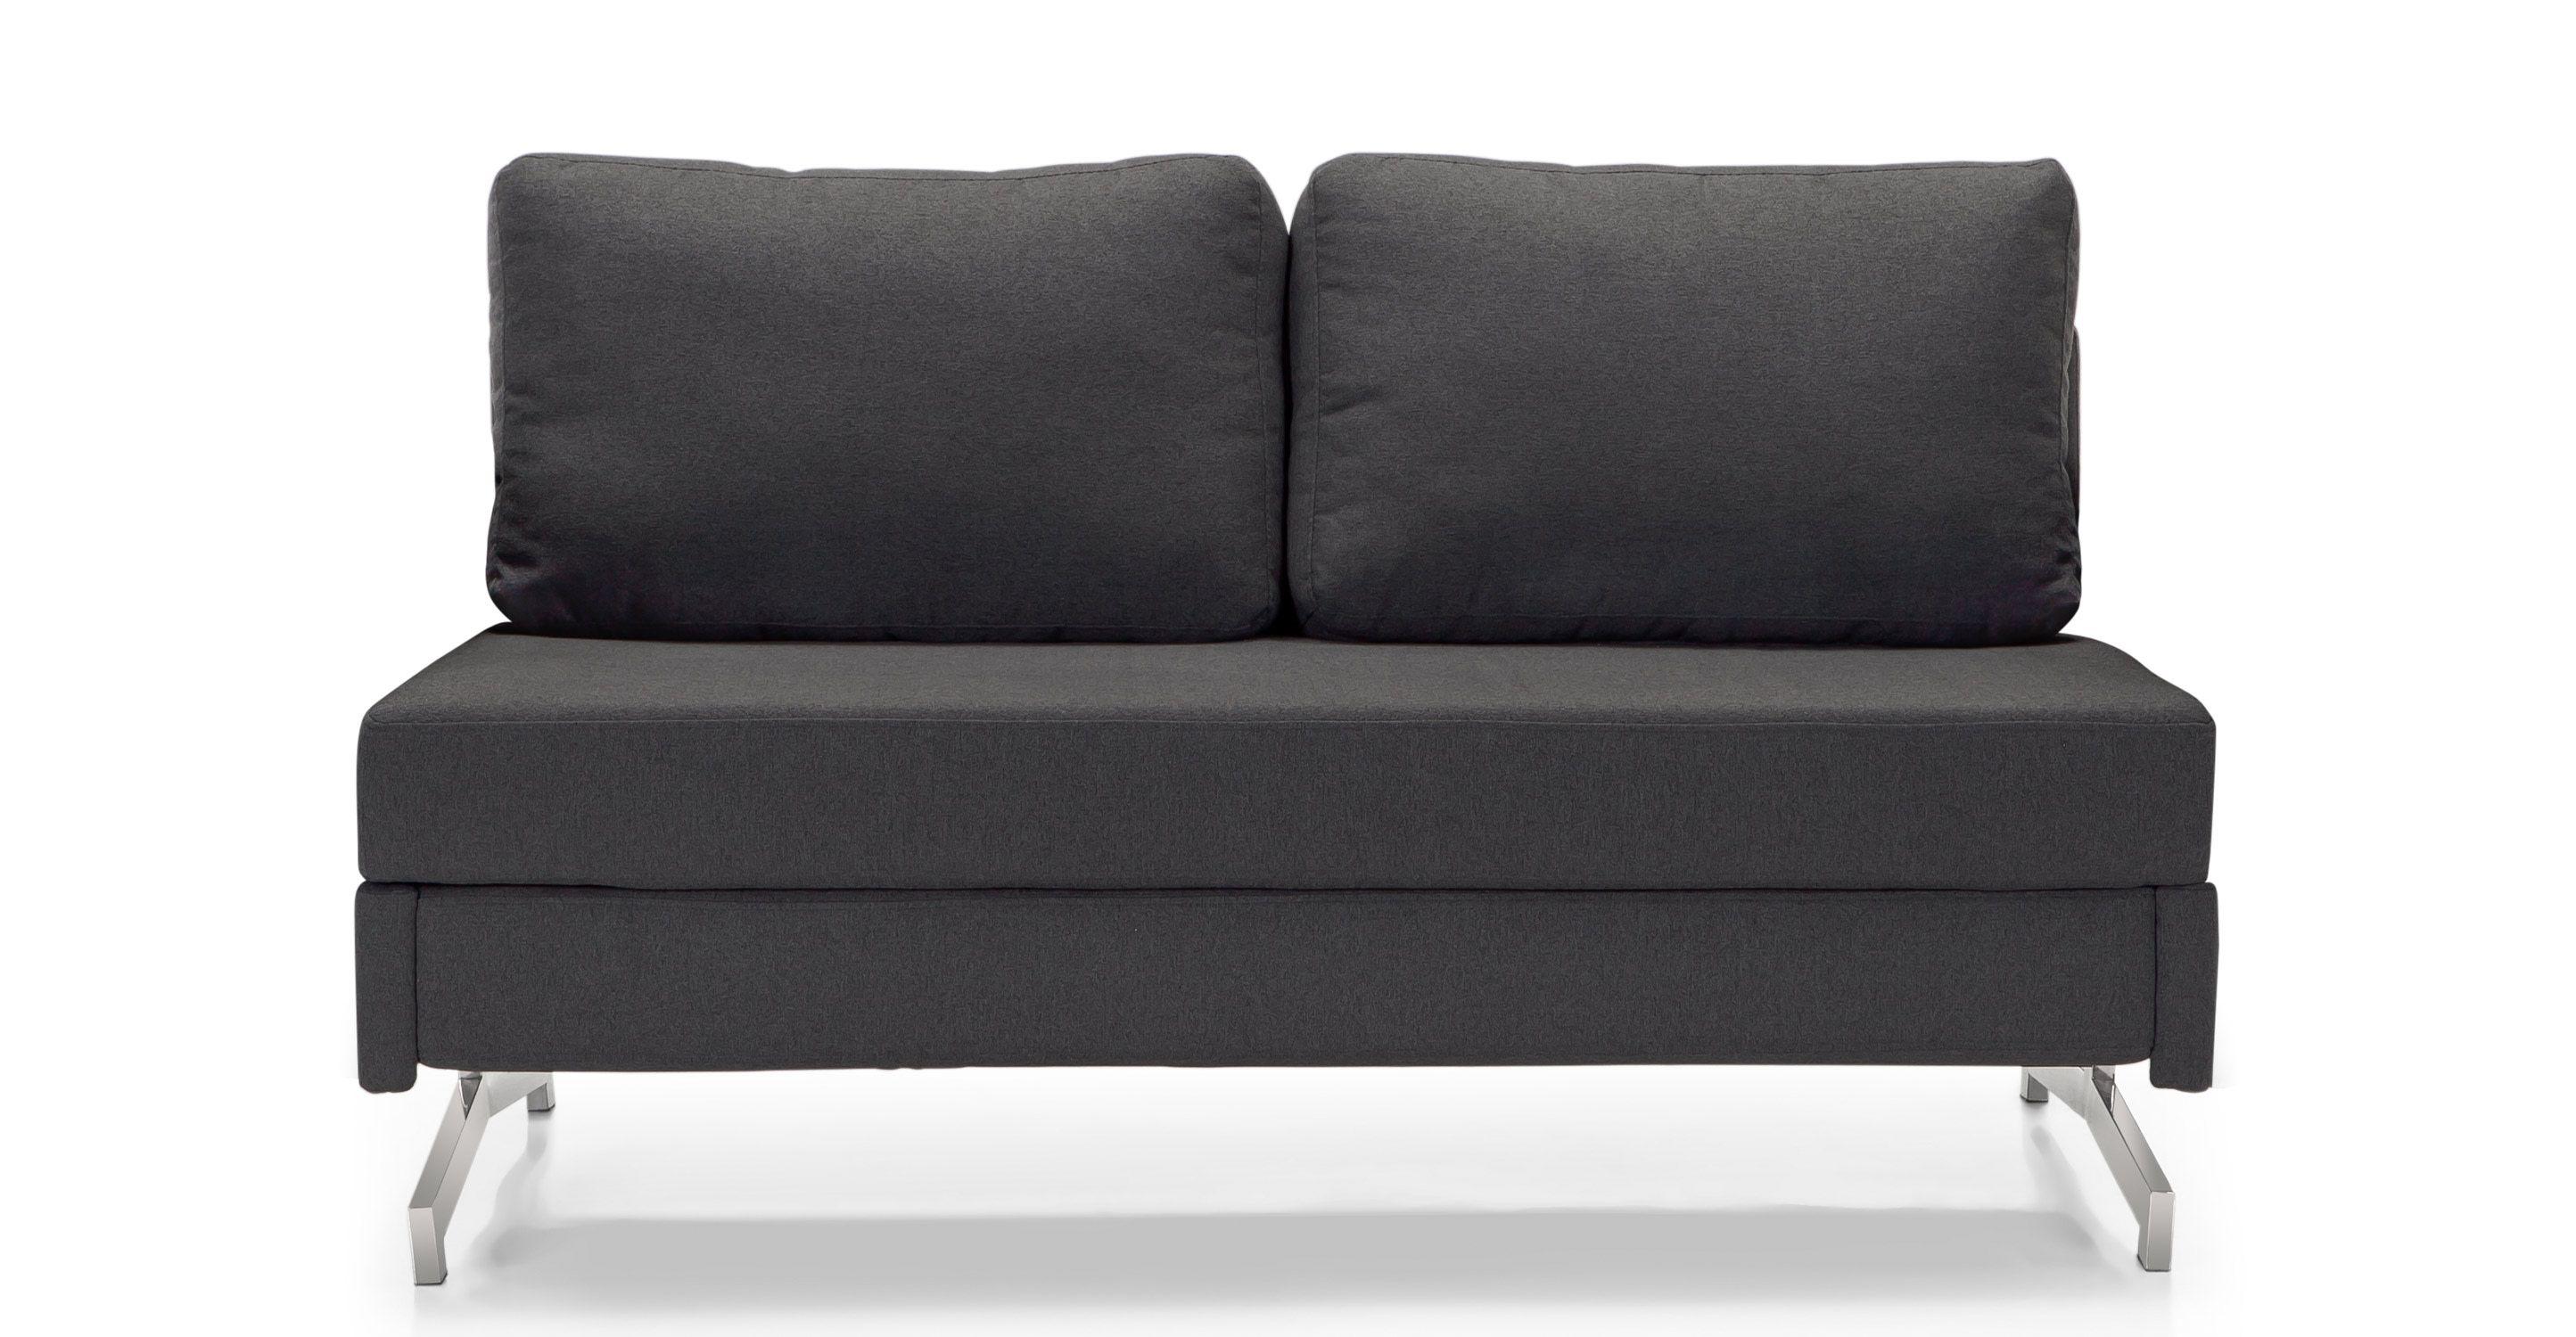 Unsere Neuheiten Melo 2 Sofa mit Ausklapp und Schlaffunktion